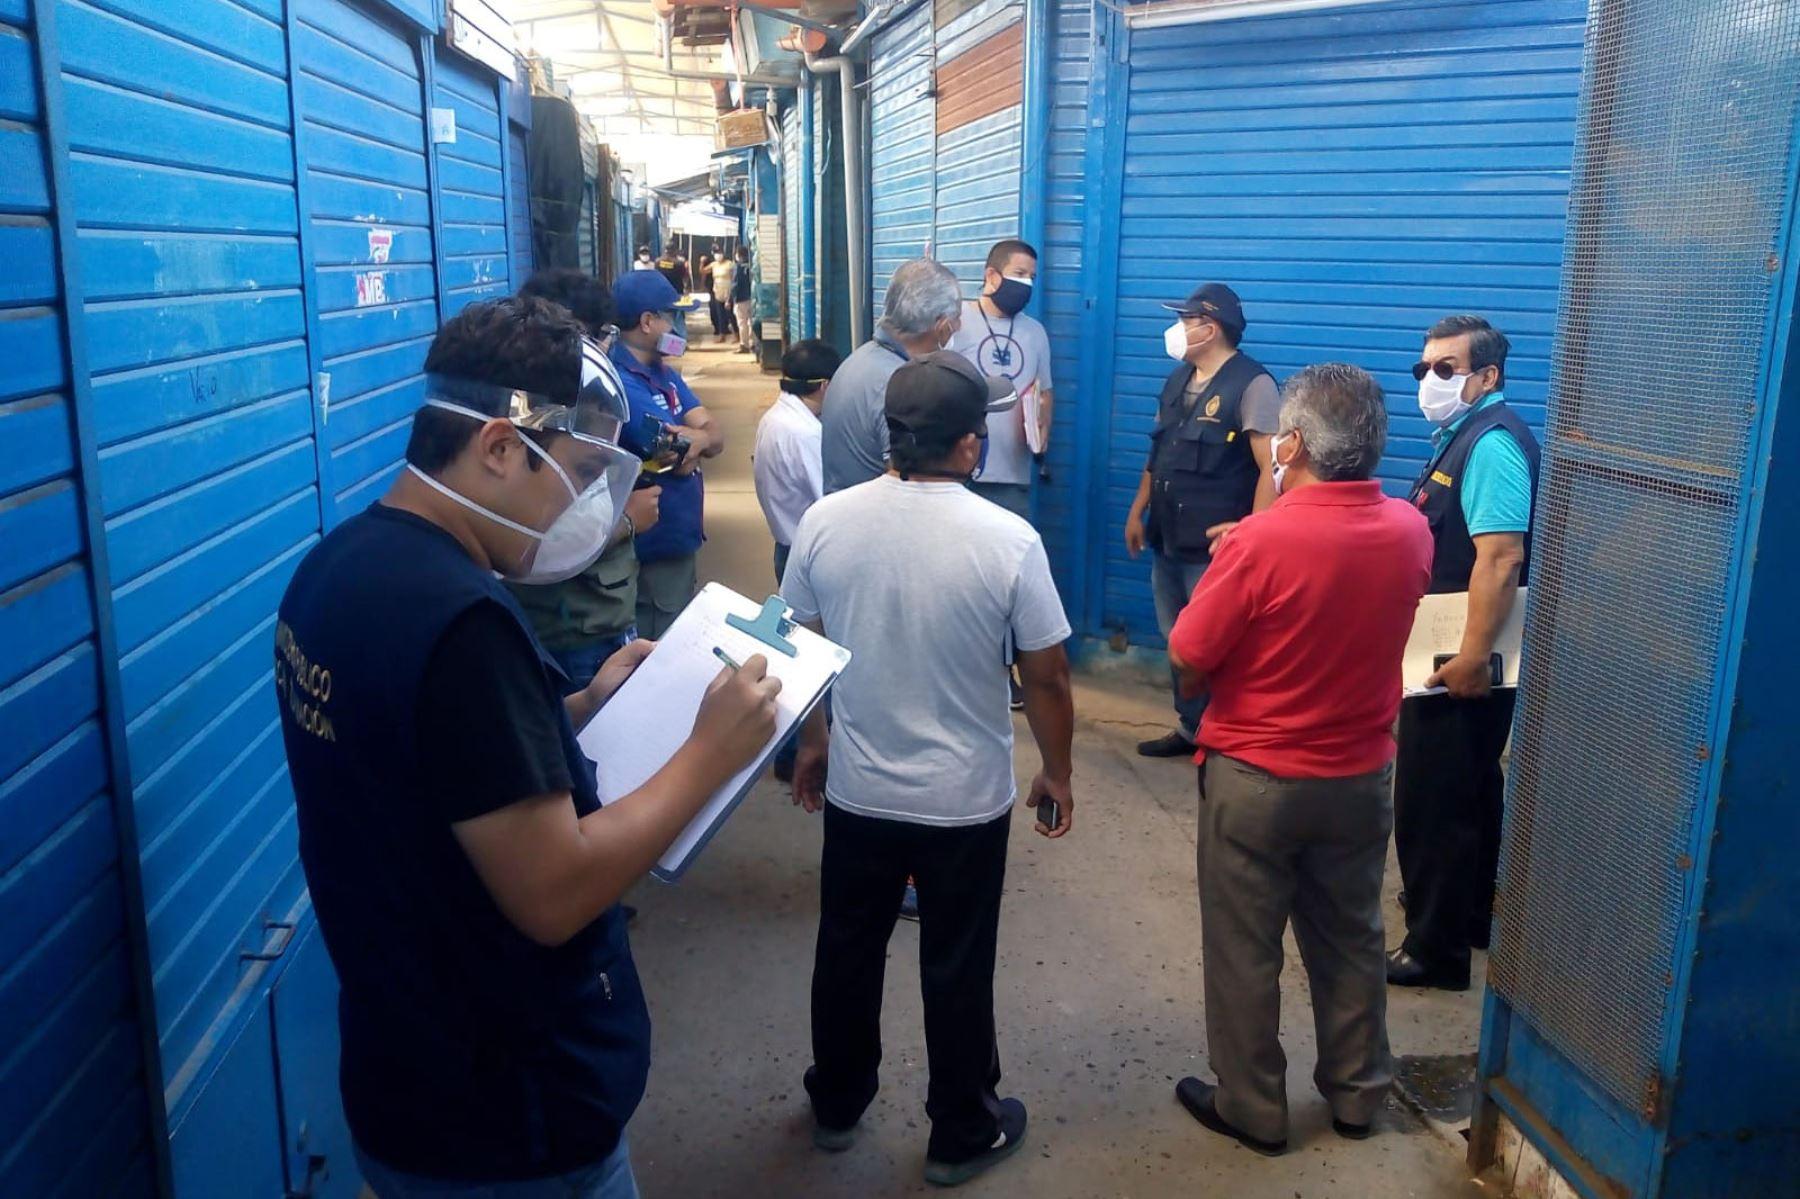 Este 1 de junio se prevé reabrir el mercado Modelo de Chiclayo, que se adecúa para evitar los contagios con el nuevo coronavirus. Foto: ANDINA/Difusión